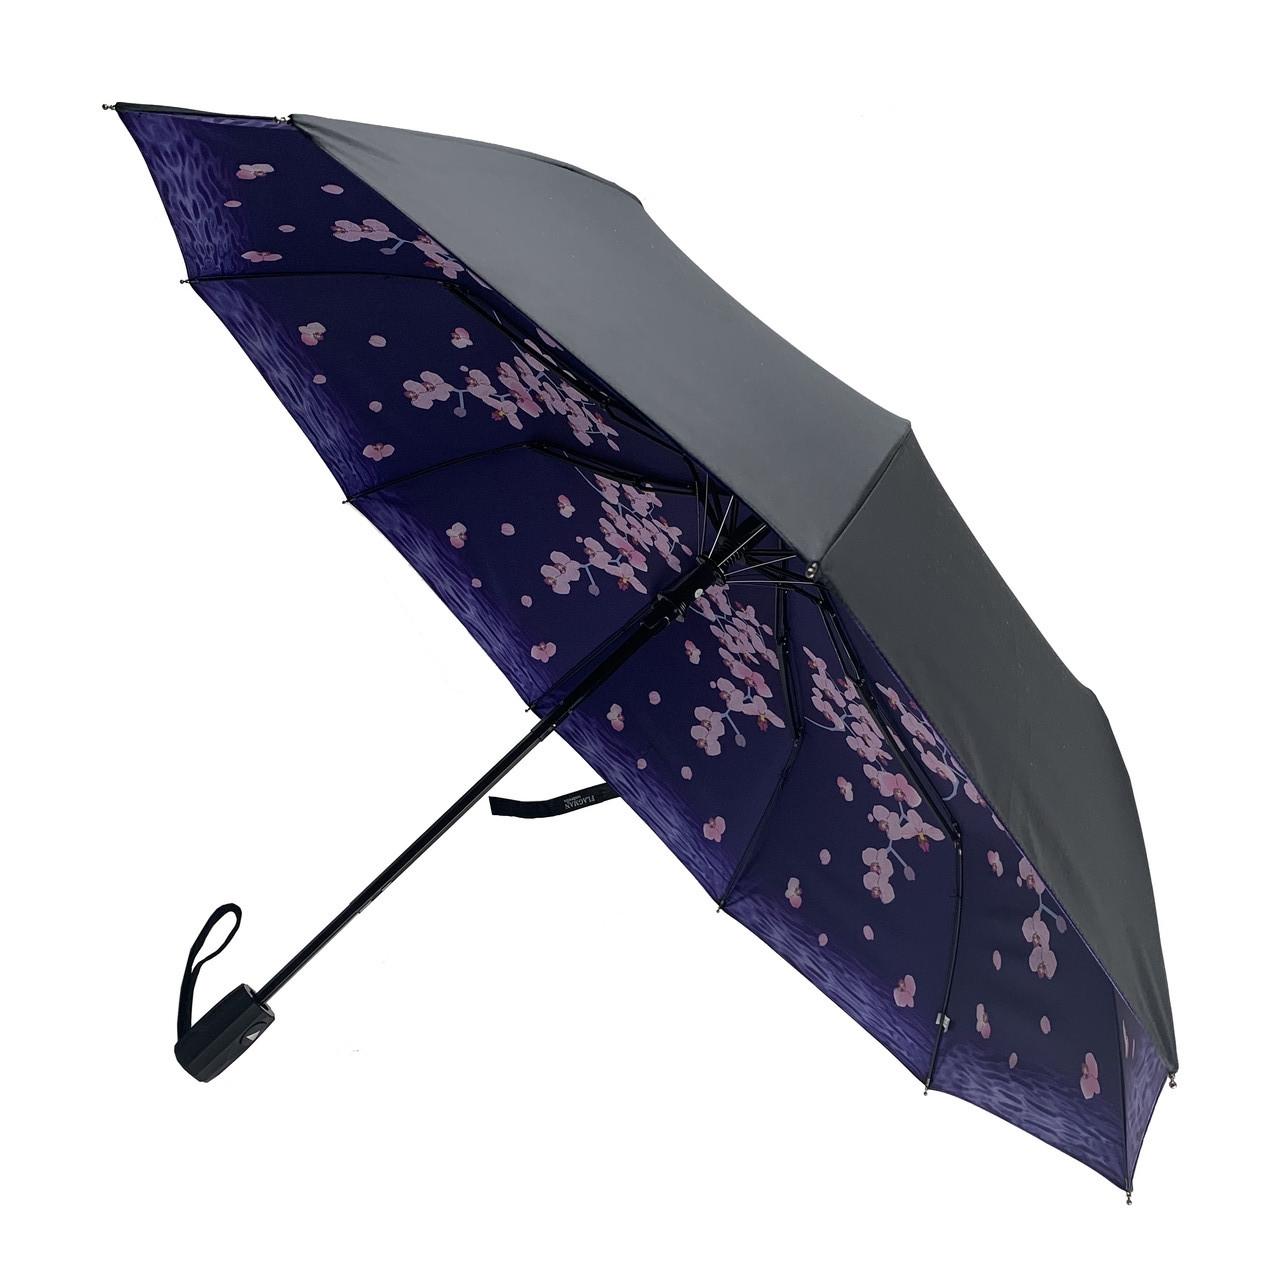 Женский складной зонт-полуавтомат с двойной тканью от Flagman с принтом орхидей, черно-синий, 516-6